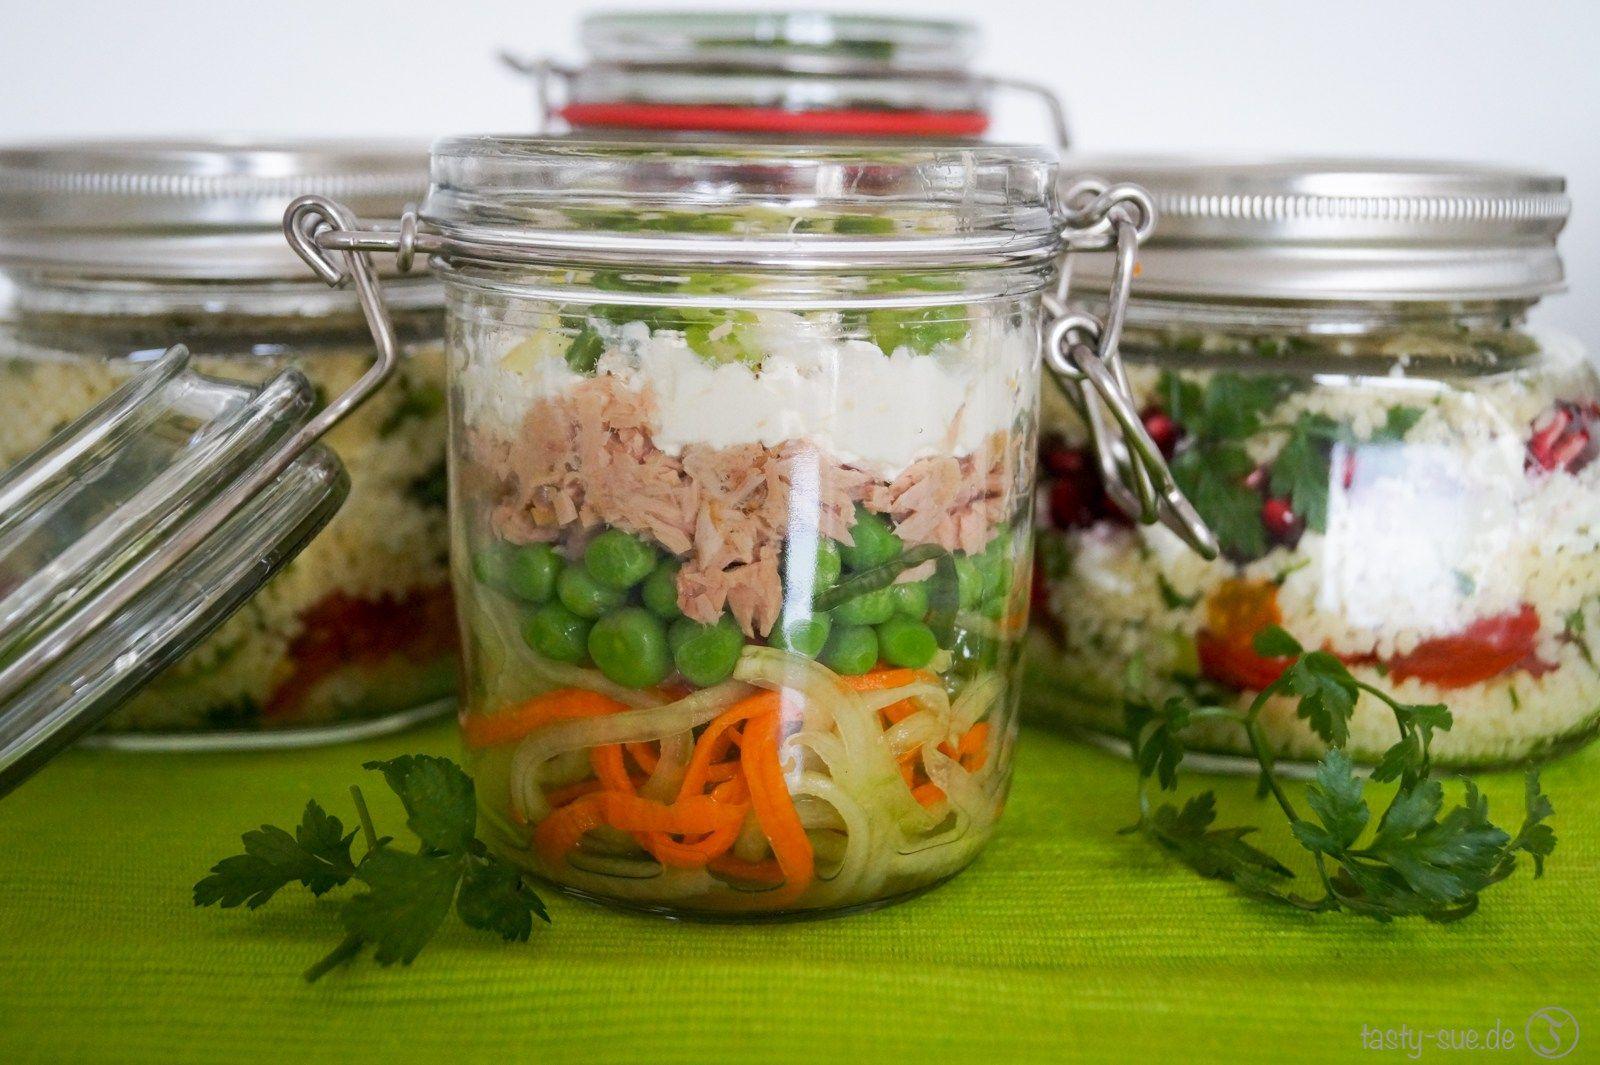 mittagessen im glas lunch to go die zweite salate pinterest mittagessen essen und. Black Bedroom Furniture Sets. Home Design Ideas